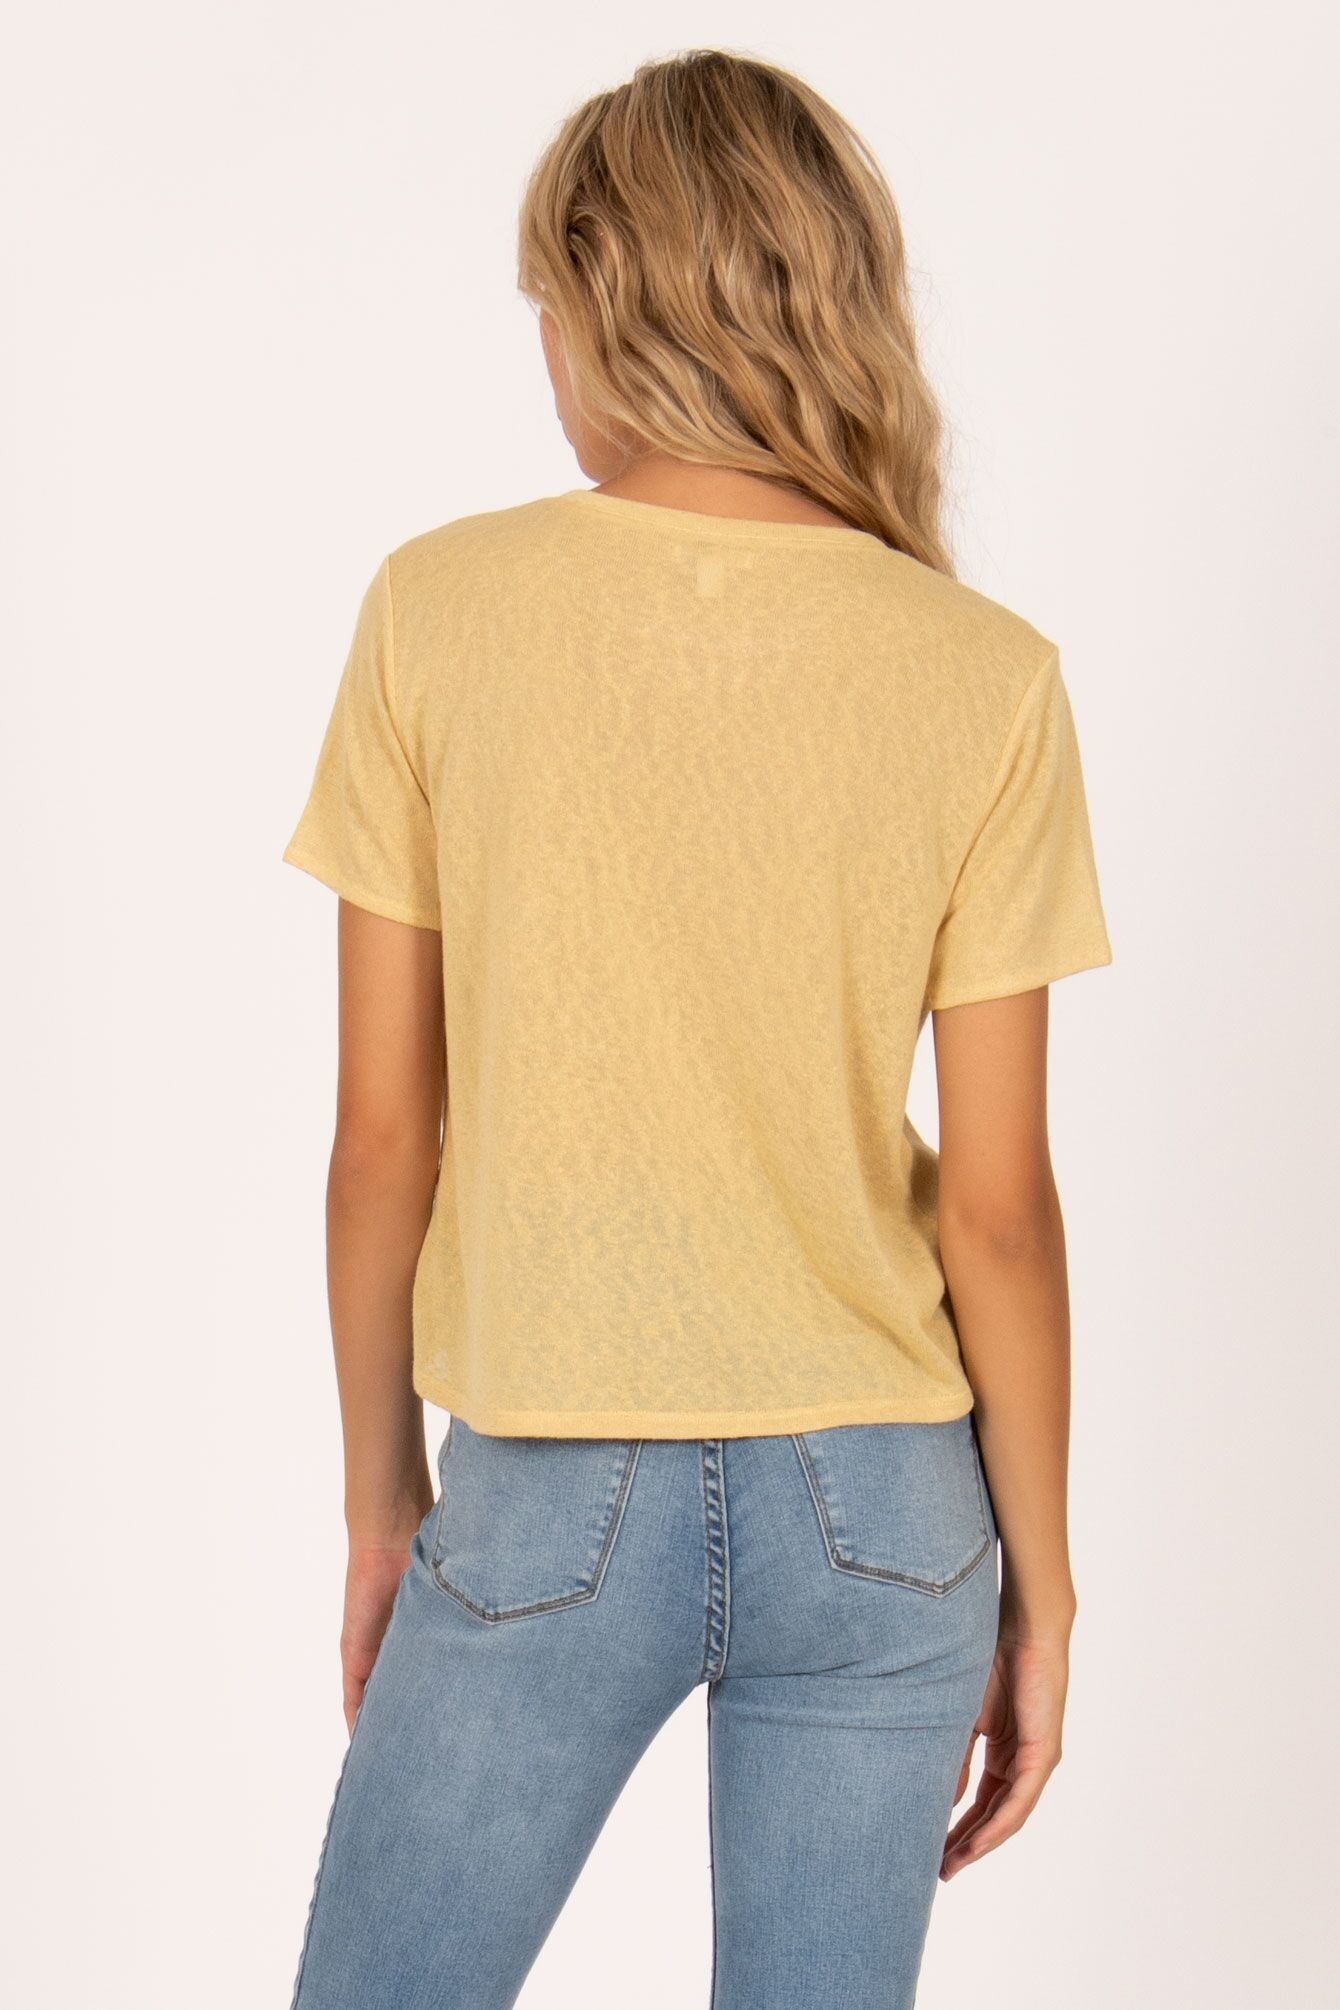 Amuse Society Ginger T-shirt